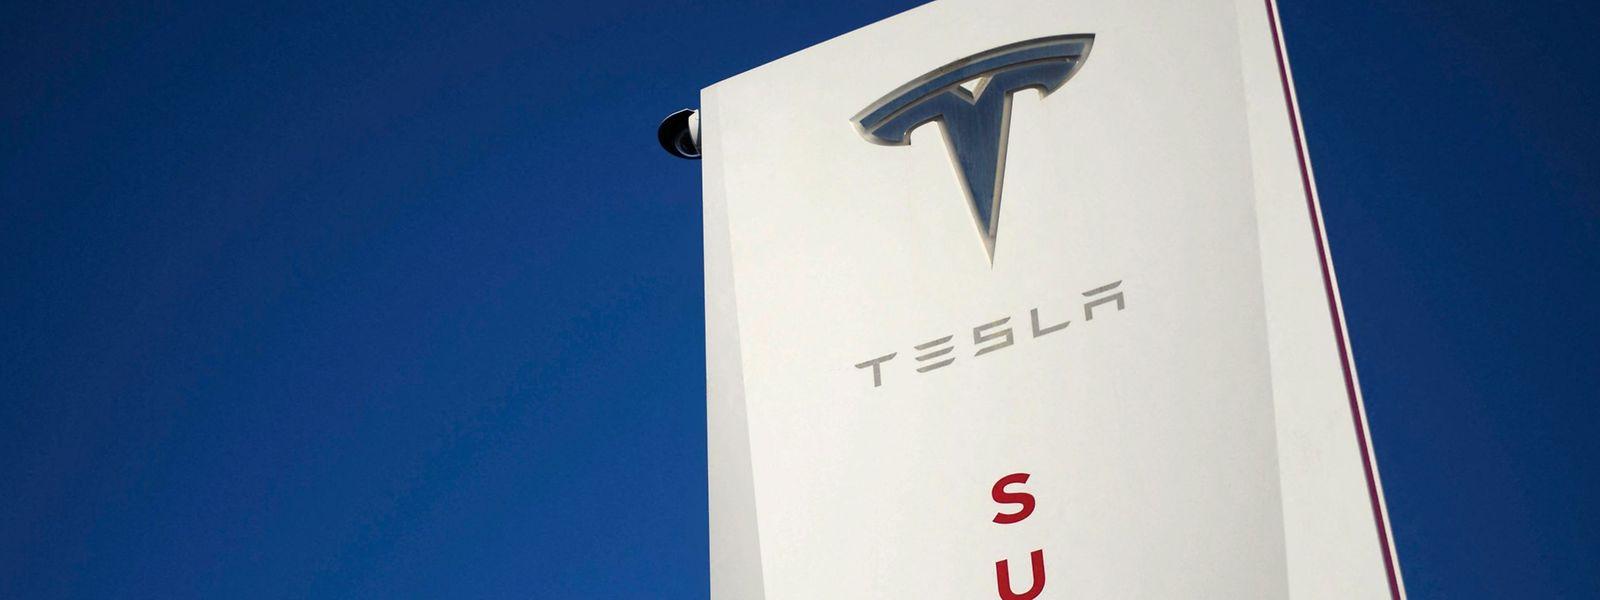 Tesla nennt sein Fahrer-Assistenzsystem Autopilot.